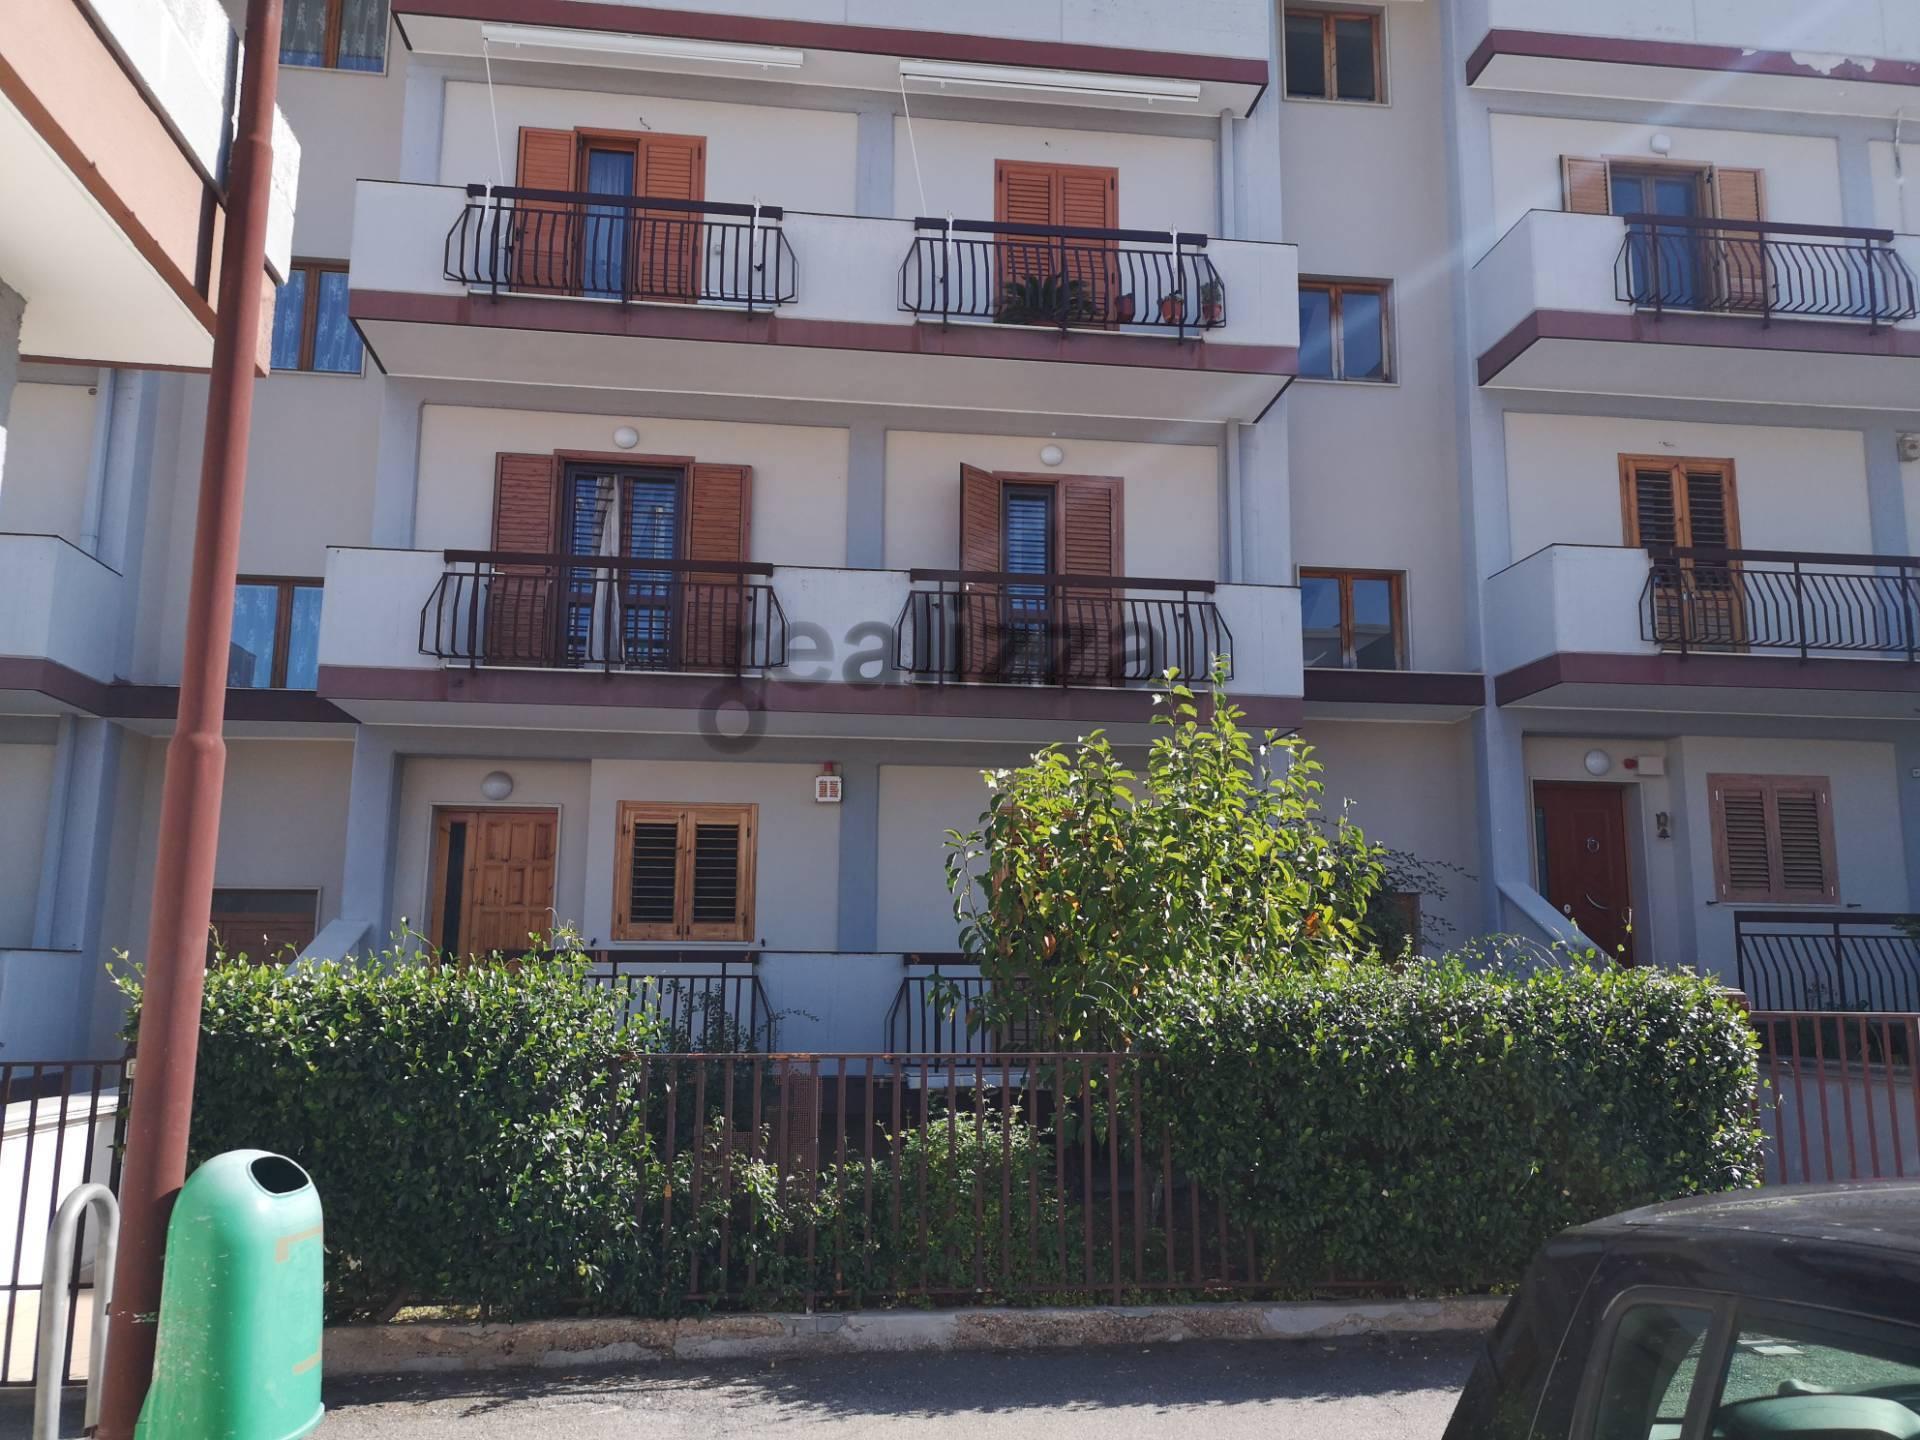 Appartamento a Palo Del Colle (Bari) in Vendita